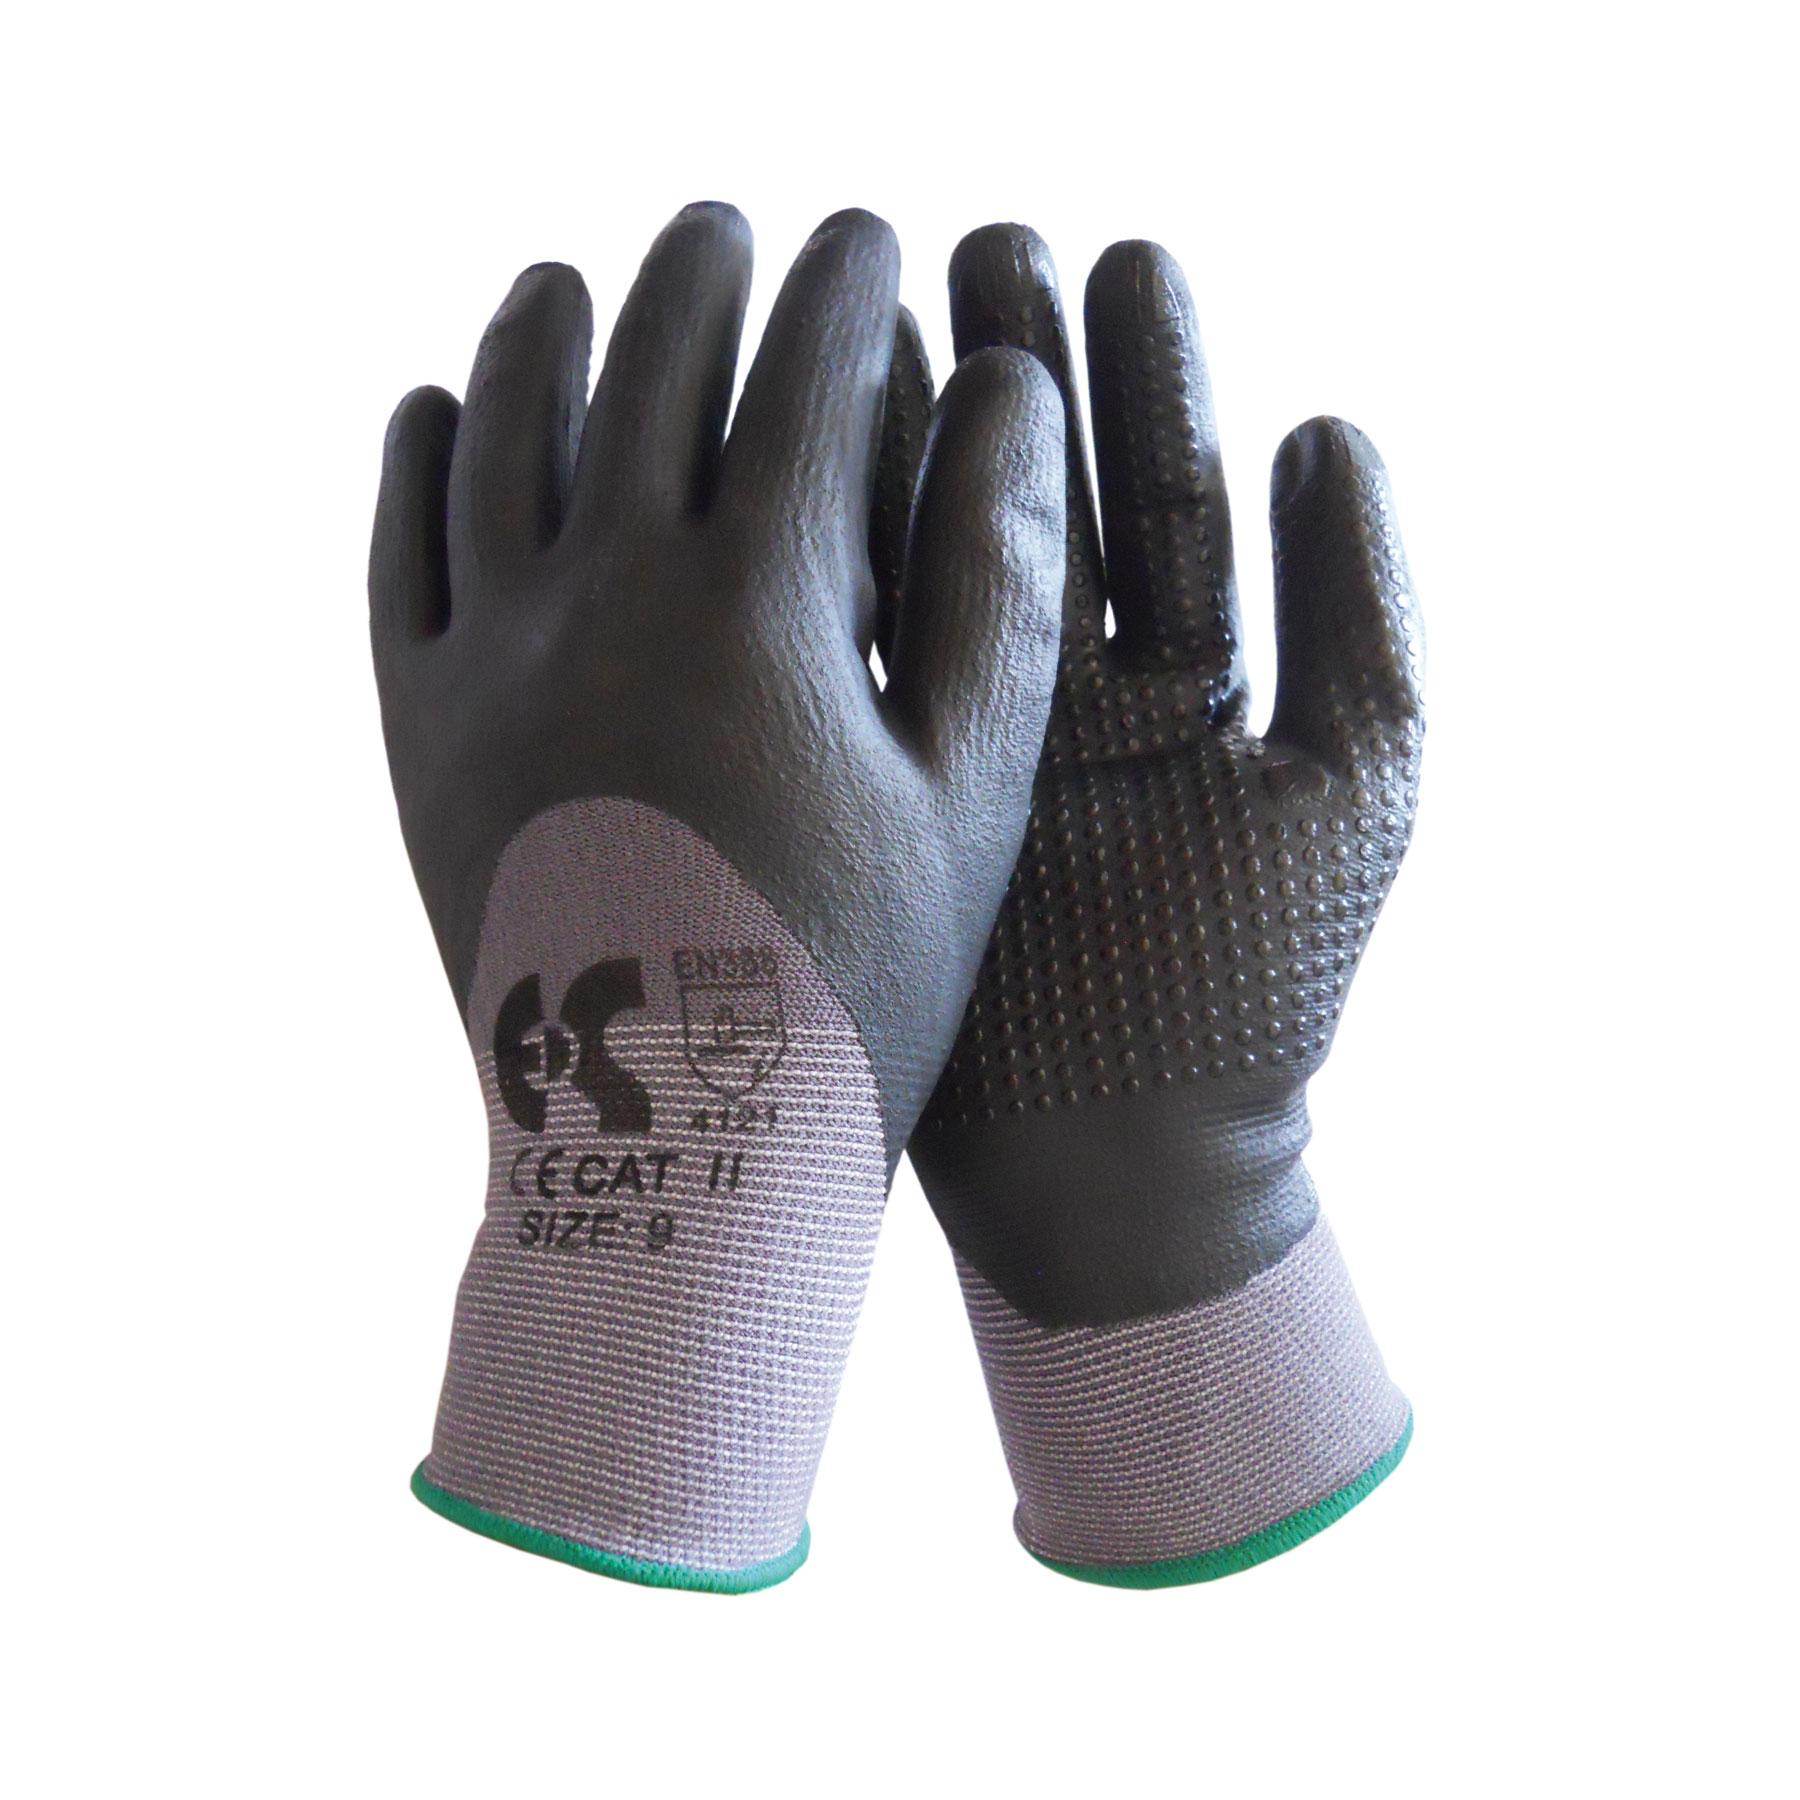 Γάvτια νιτριλίου με αντοχή θερμοκρασίας έως 250 0C και ισχυρό ψύχος έως -10 0C. Ανθεκτικότητα σε λάδια, λίπη και απορρυπαντικά. Μήκος 45cm για καλύτερη προστασία του χεριού. Κατάλληλο για βιομηχανίες εστίασης και χειρισμό καυτών αντικειμένων.